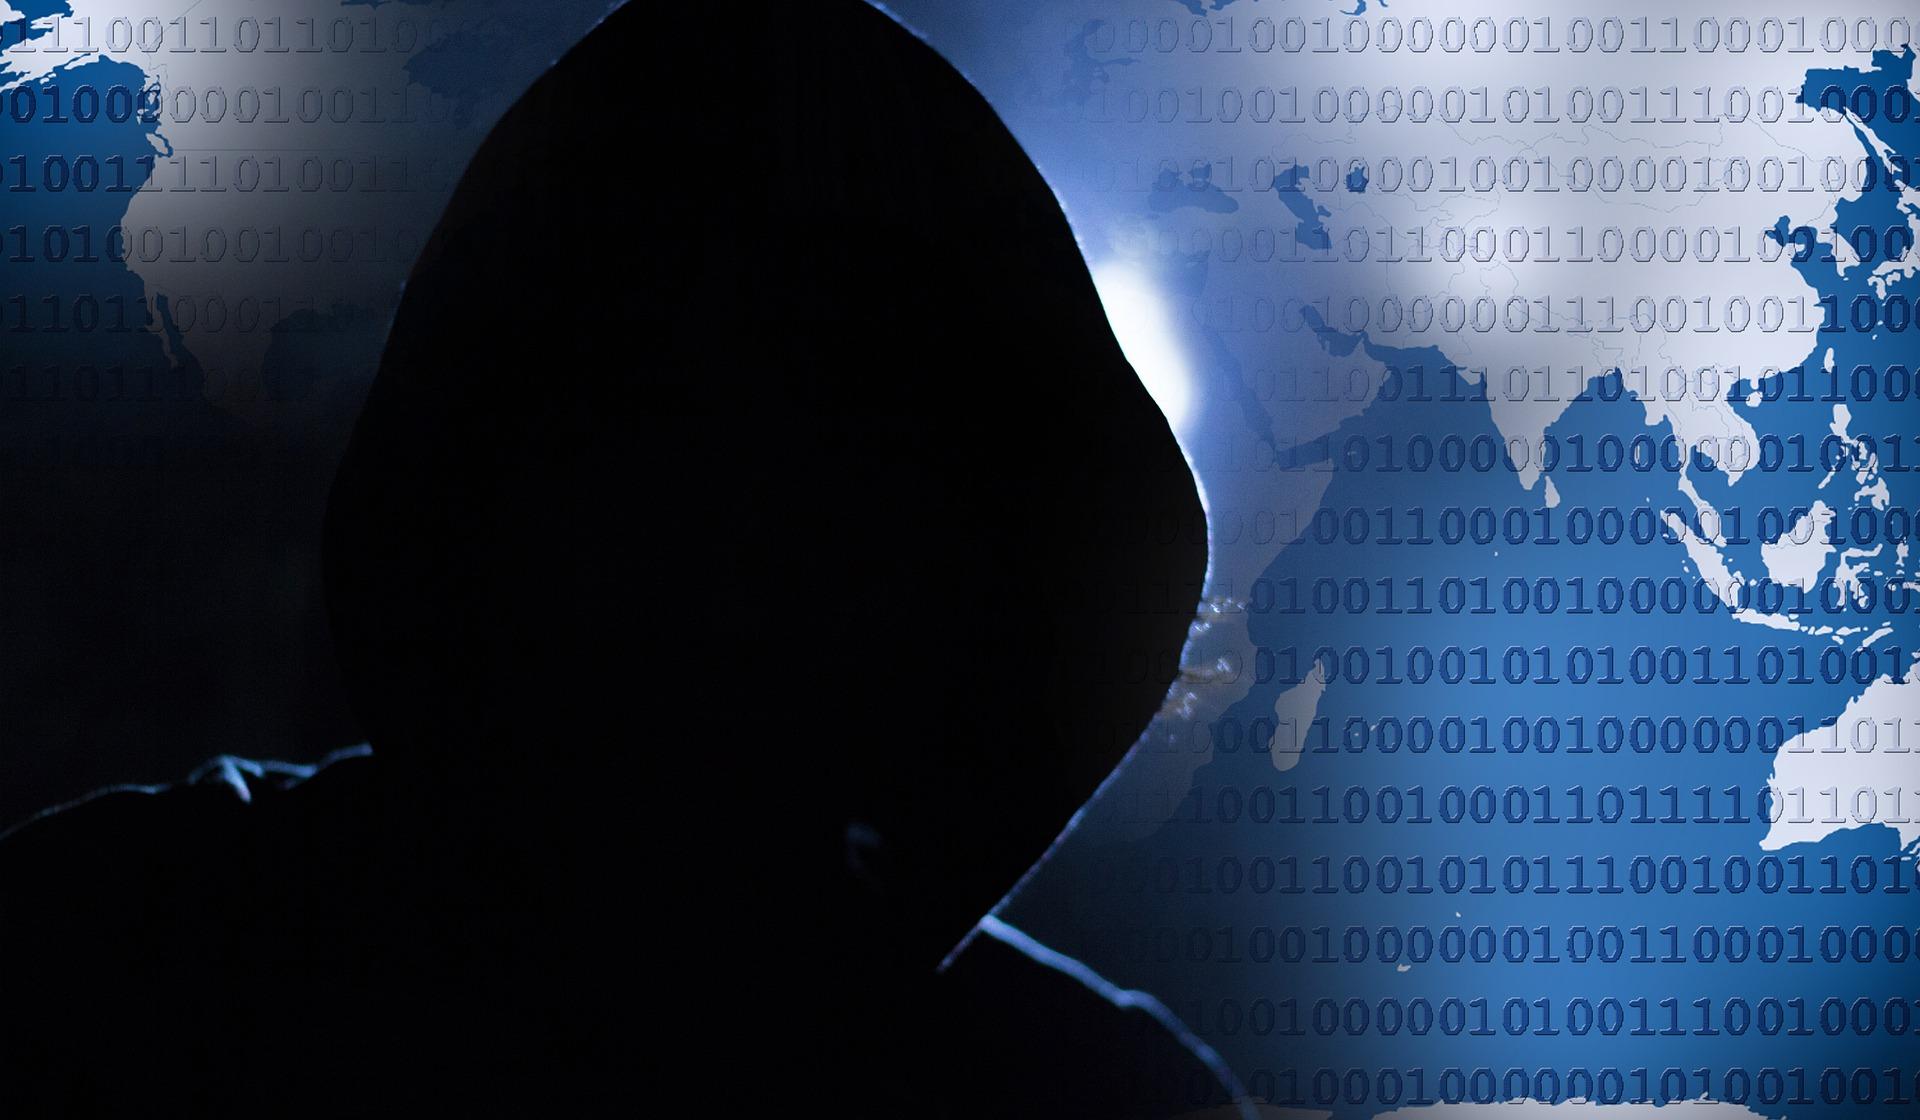 hacker-1952027_1920